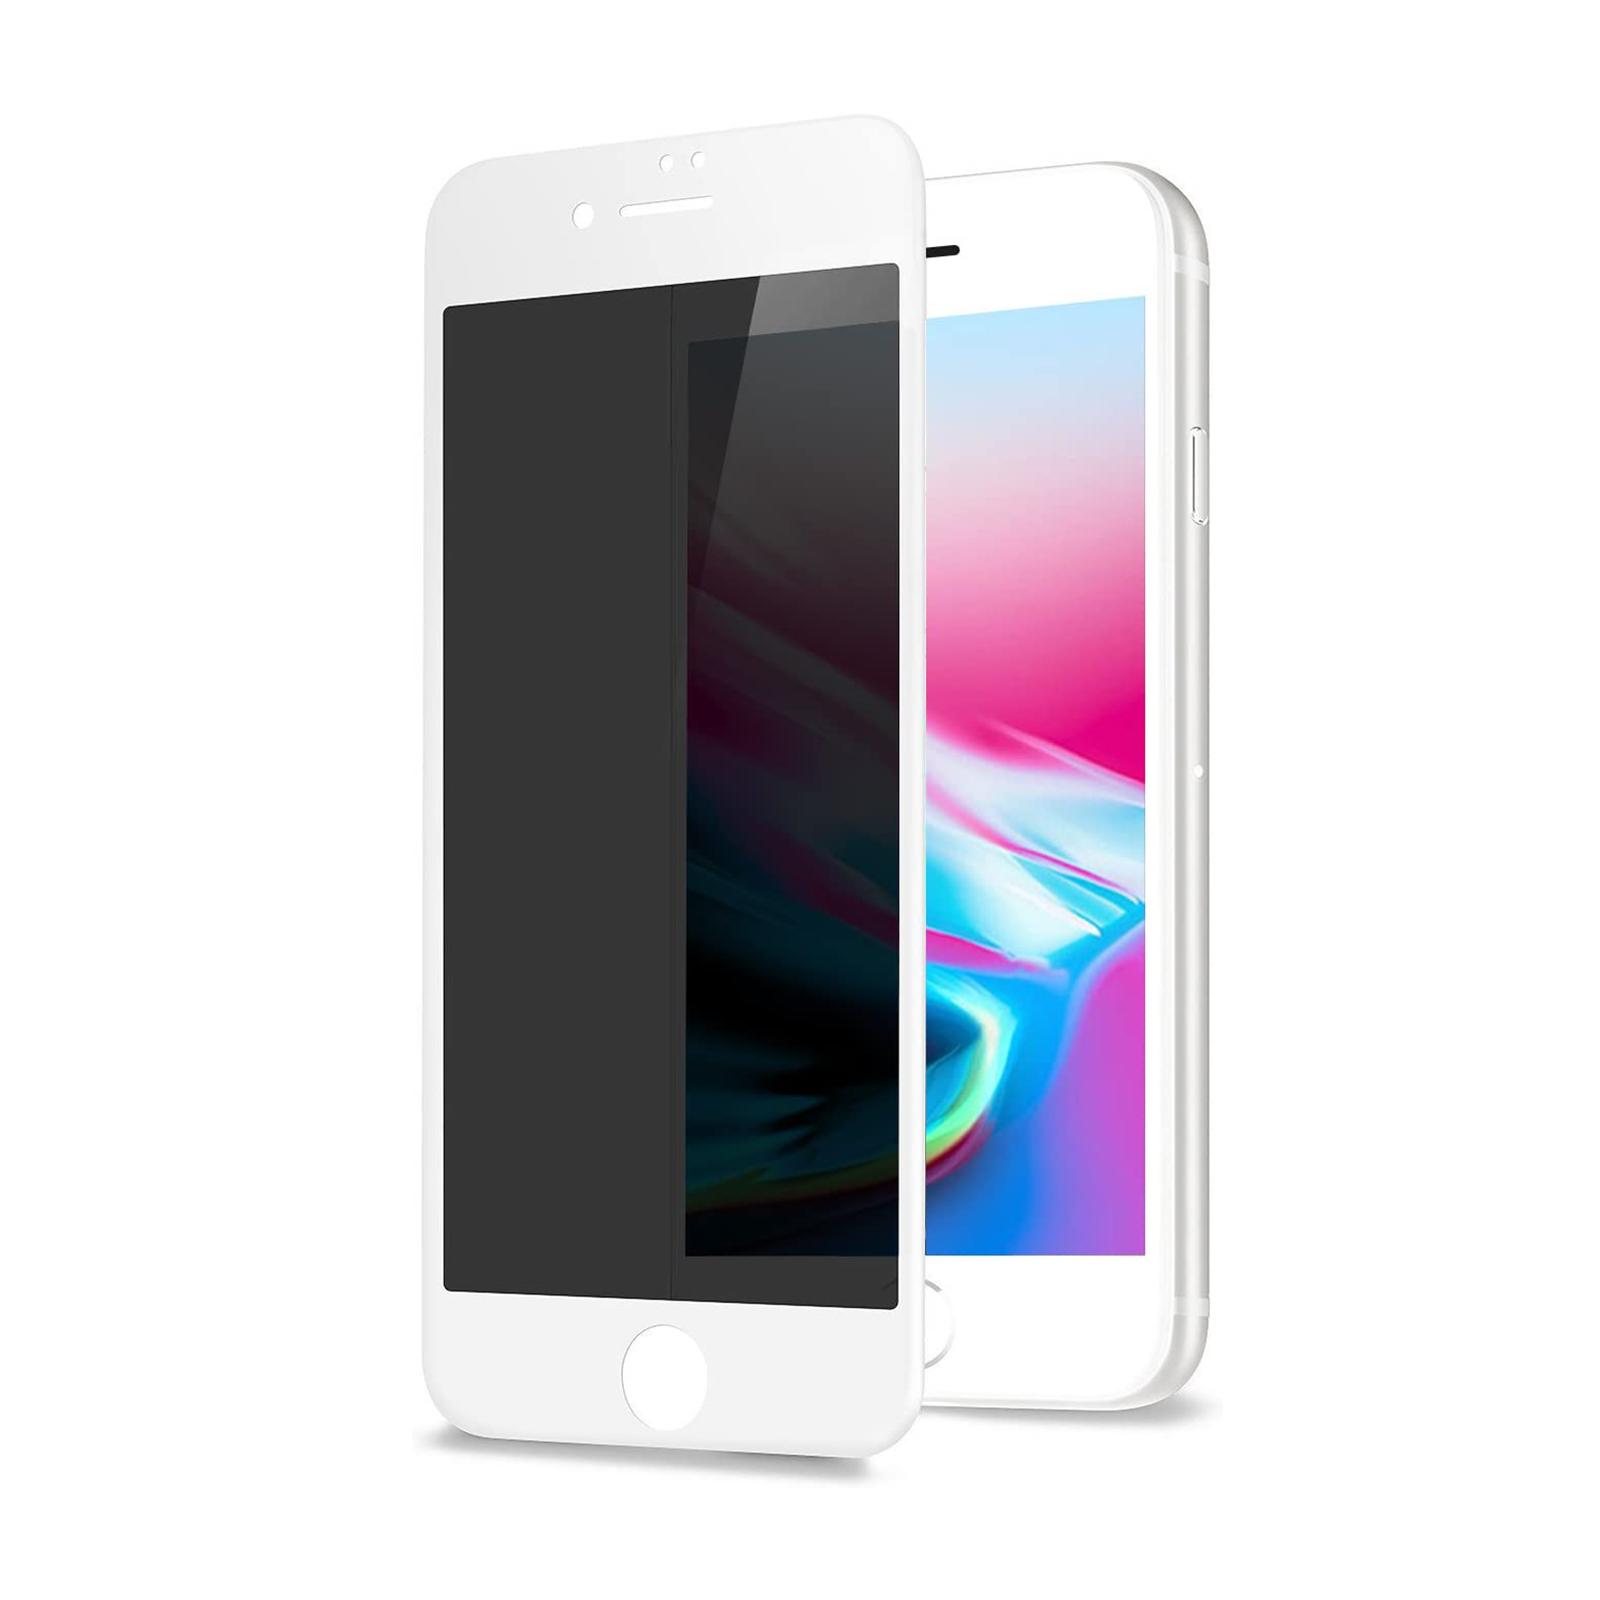 محافظ صفحه نمایش حریم شخصی کد1 مناسب برای گوشیموبایل اپل iphone 7 plus/8 plus main 1 1